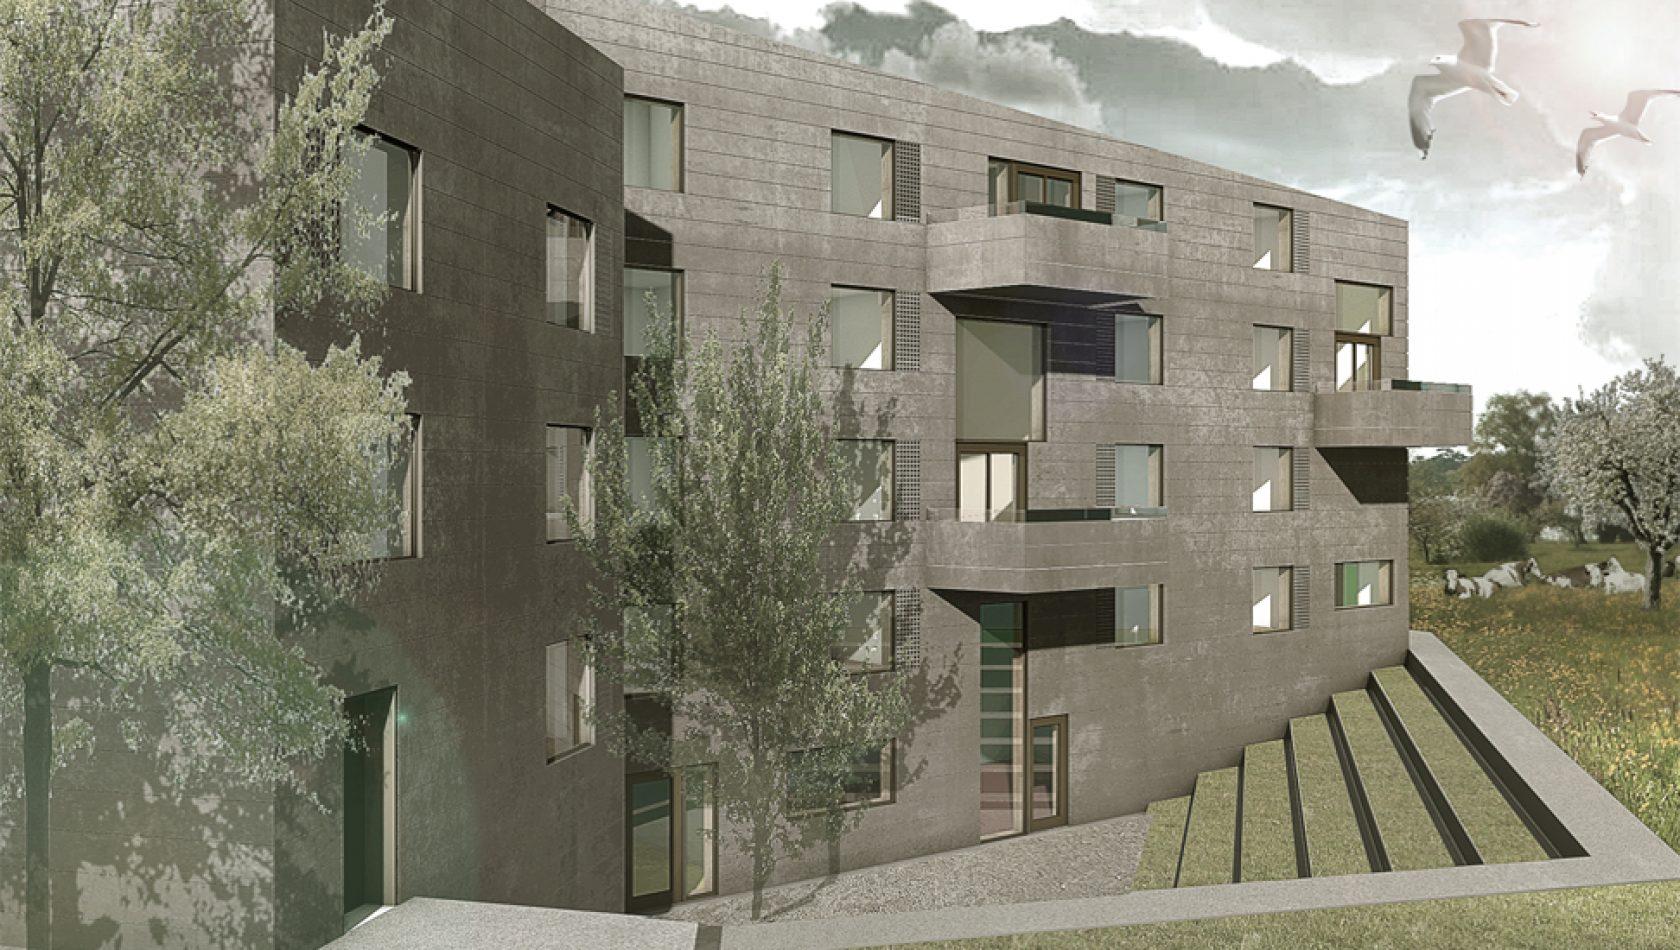 Brüggli Wohnhaus für Lernende, Romanshorn, Visualsierung by MANTEL Architects